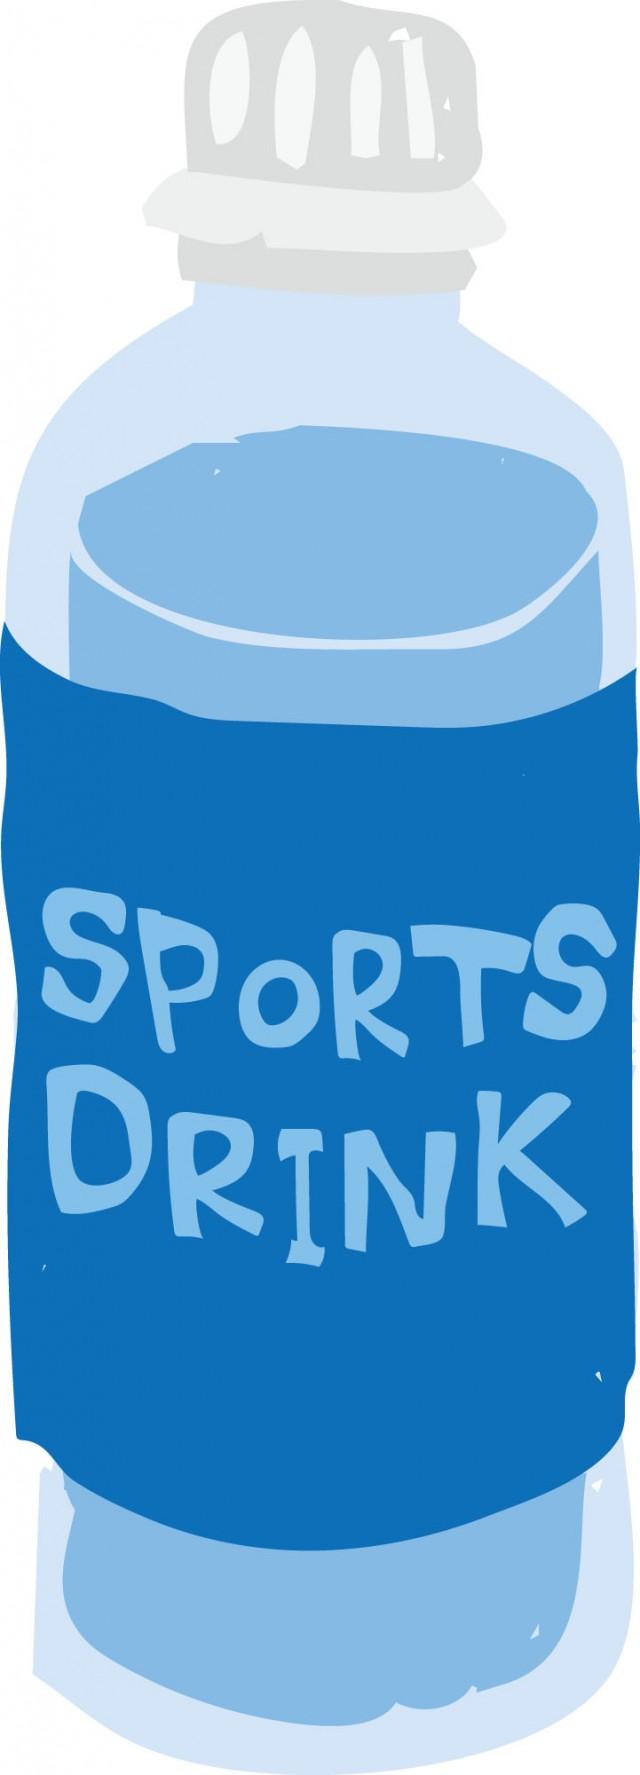 スポーツドリンク | 無料イラスト素材|素材ラボ